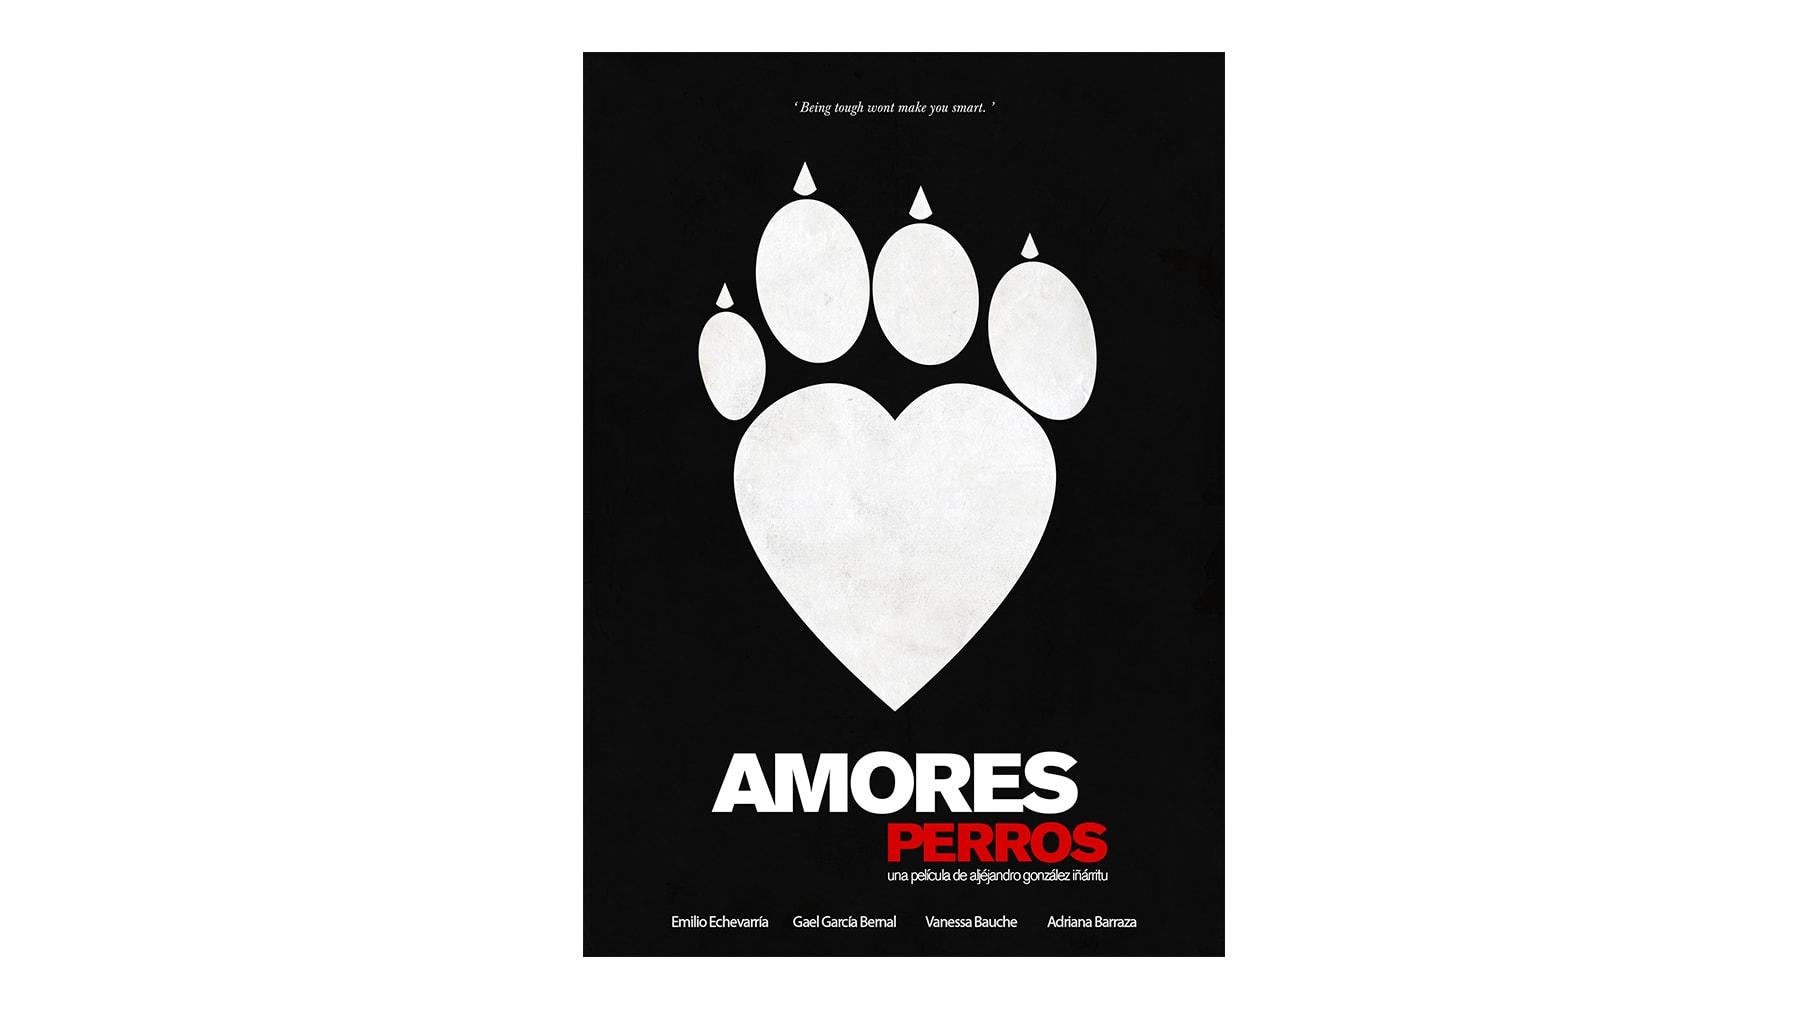 Amores_Perros